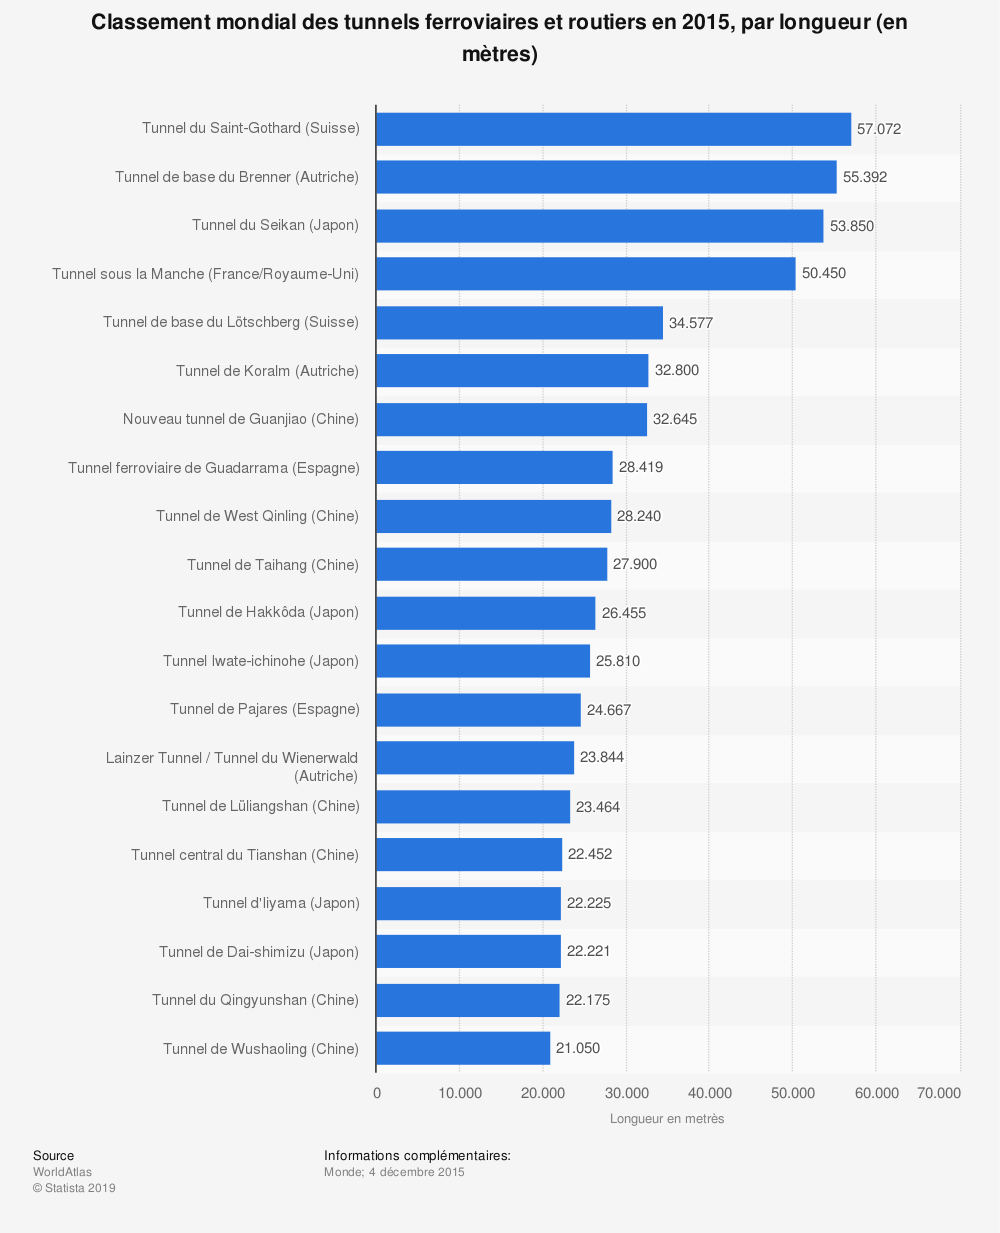 Statistique: Classement mondial des tunnels ferroviaires et routiers en 2015, par longueur (en mètres) | Statista